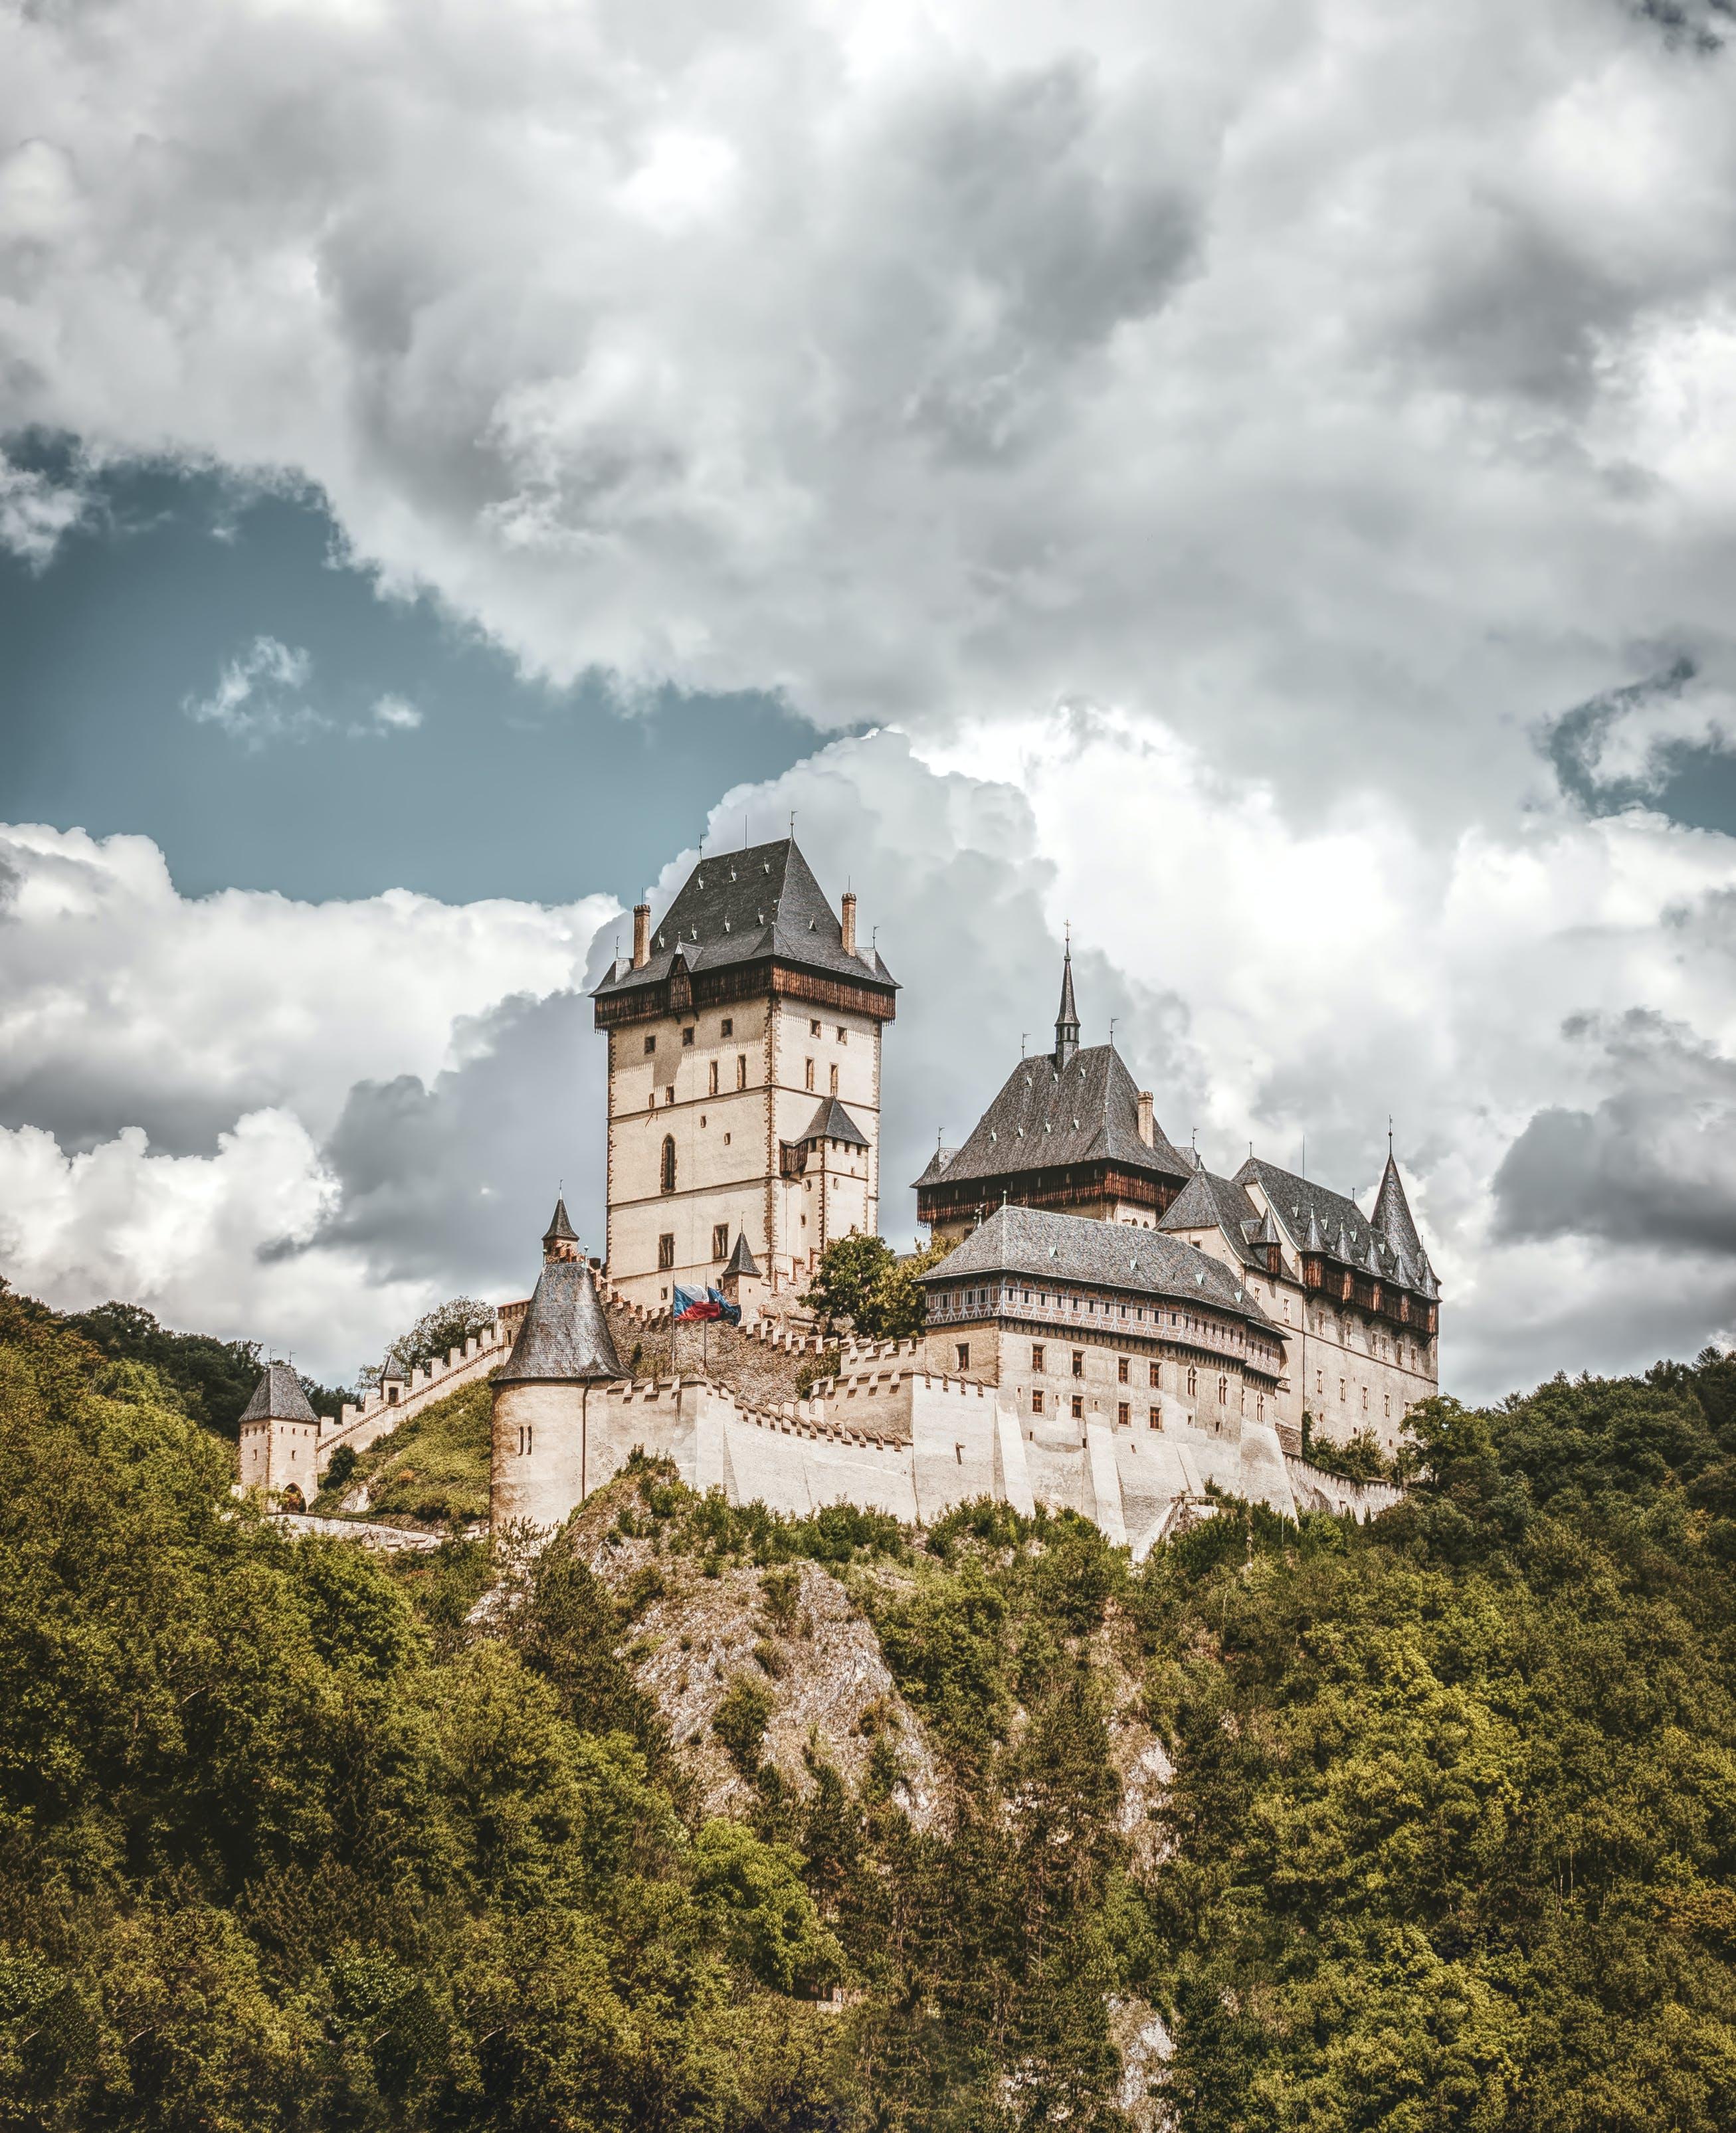 Fotos de stock gratuitas de arboles, arquitectura, castillo, durante el día